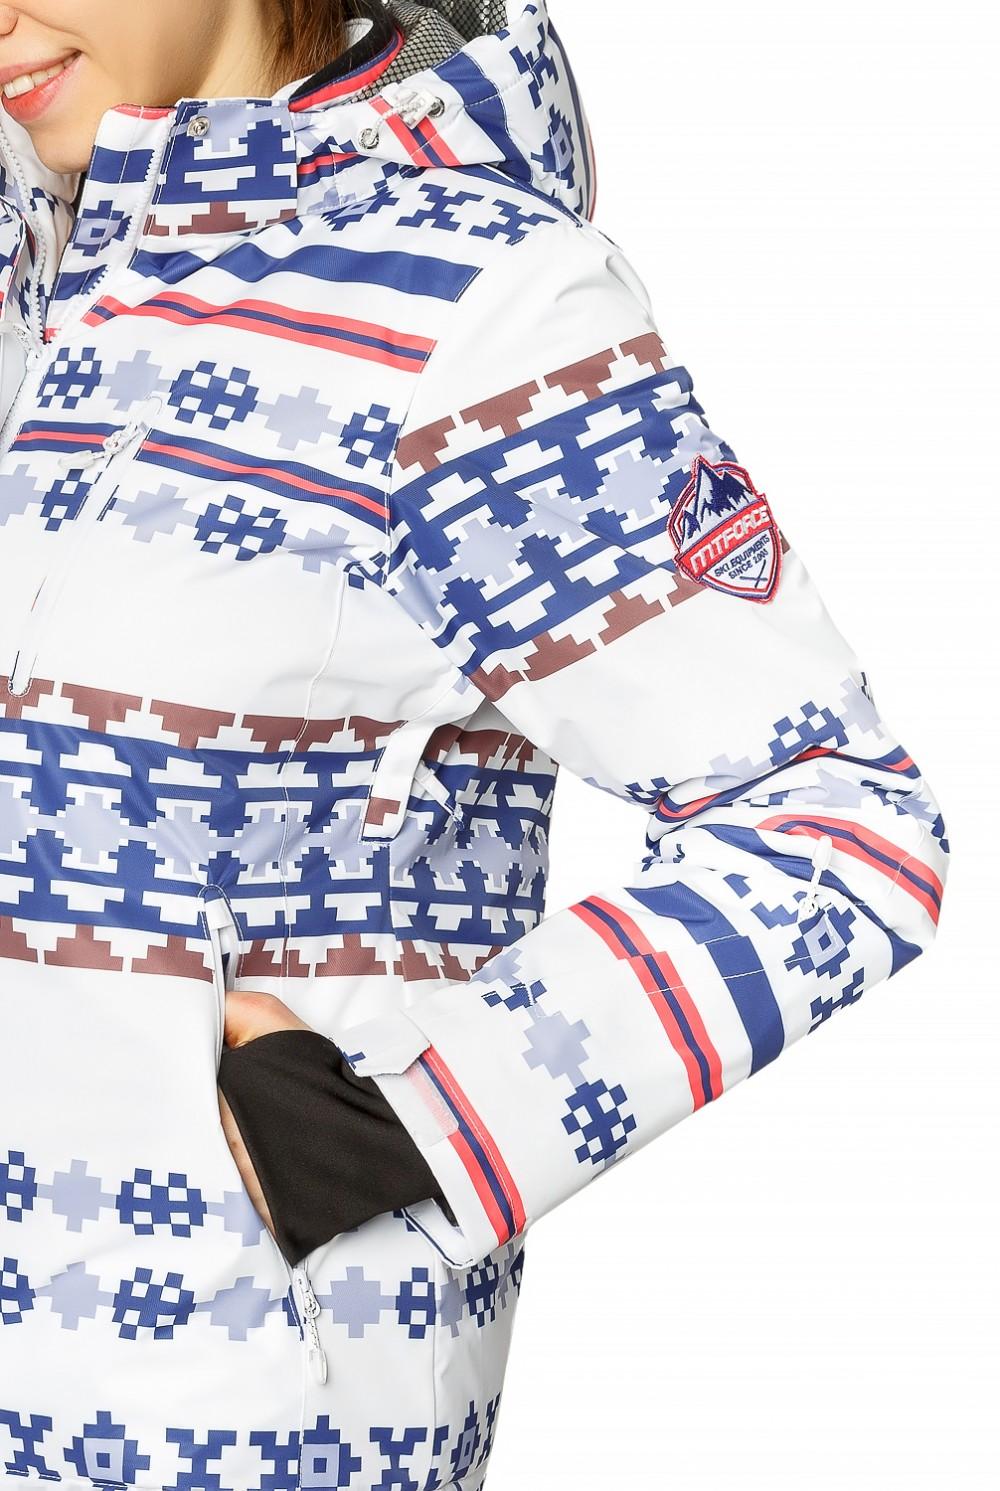 Купить оптом Костюм горнолыжный женский белого цвета 01795Bl в  Красноярске